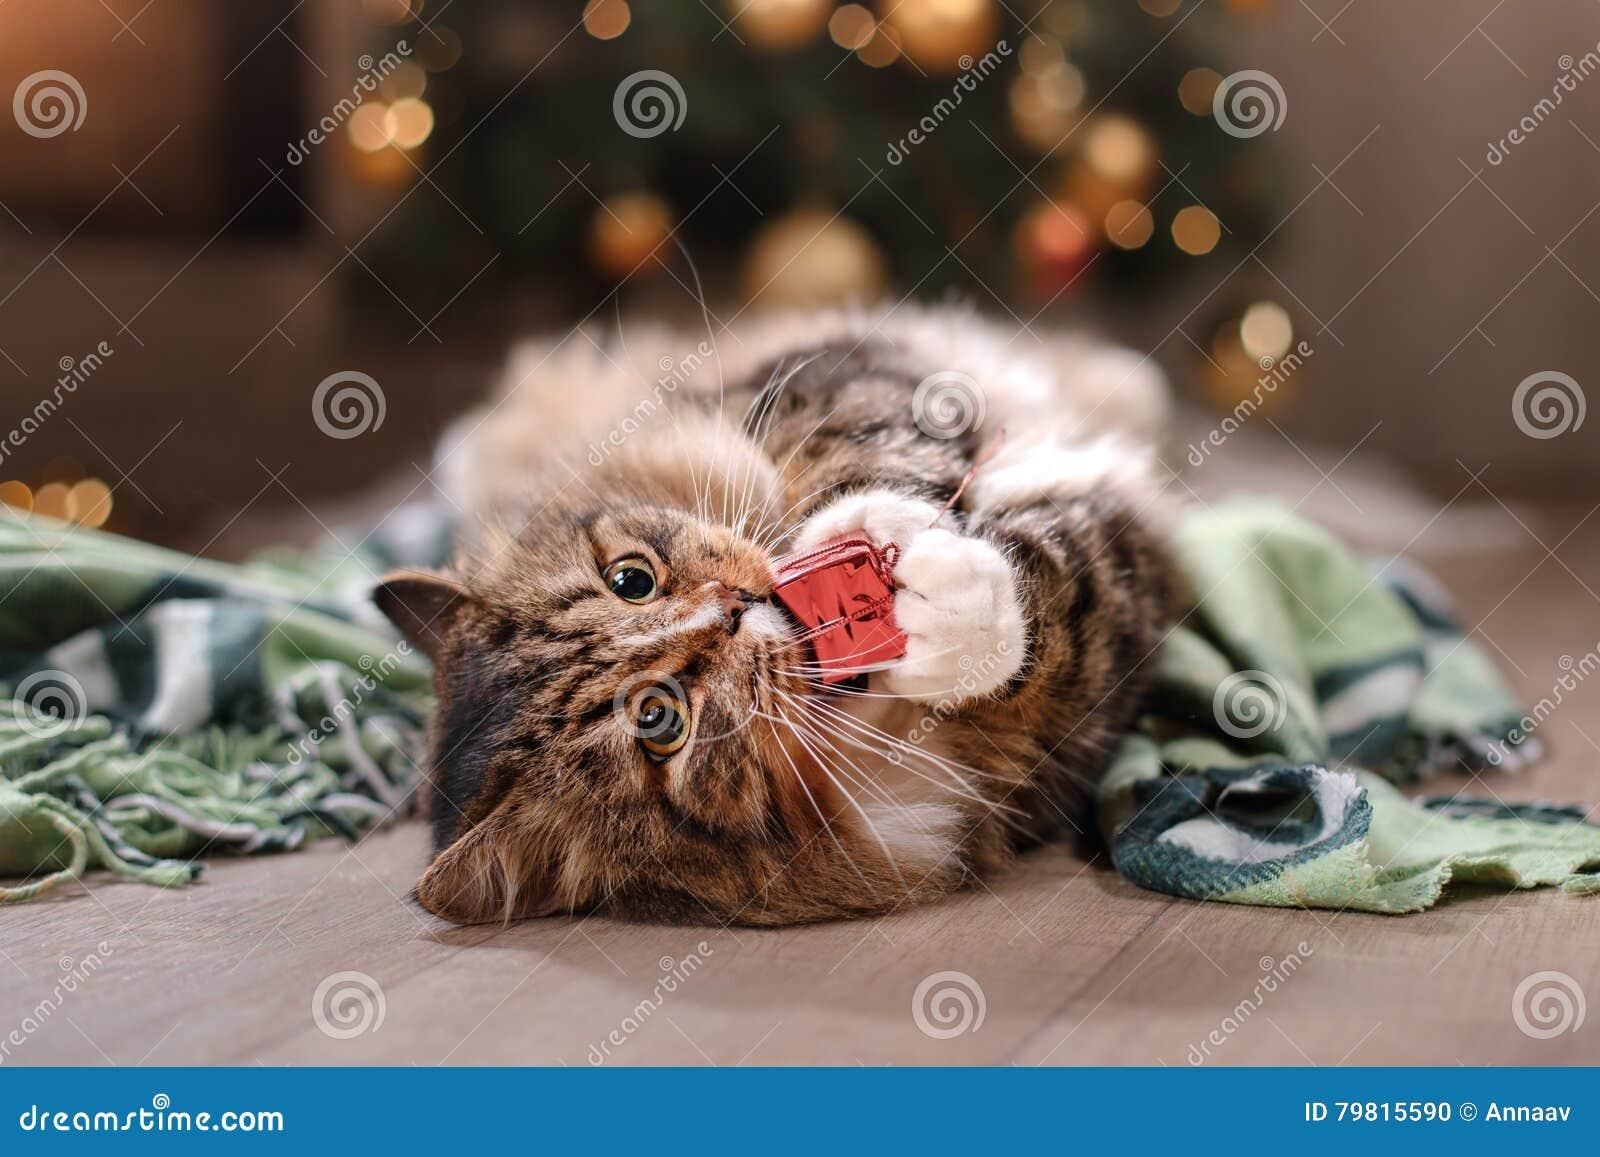 Tabby и счастливый кот Сезон 2017 рождества, Новый Год, праздники и торжество